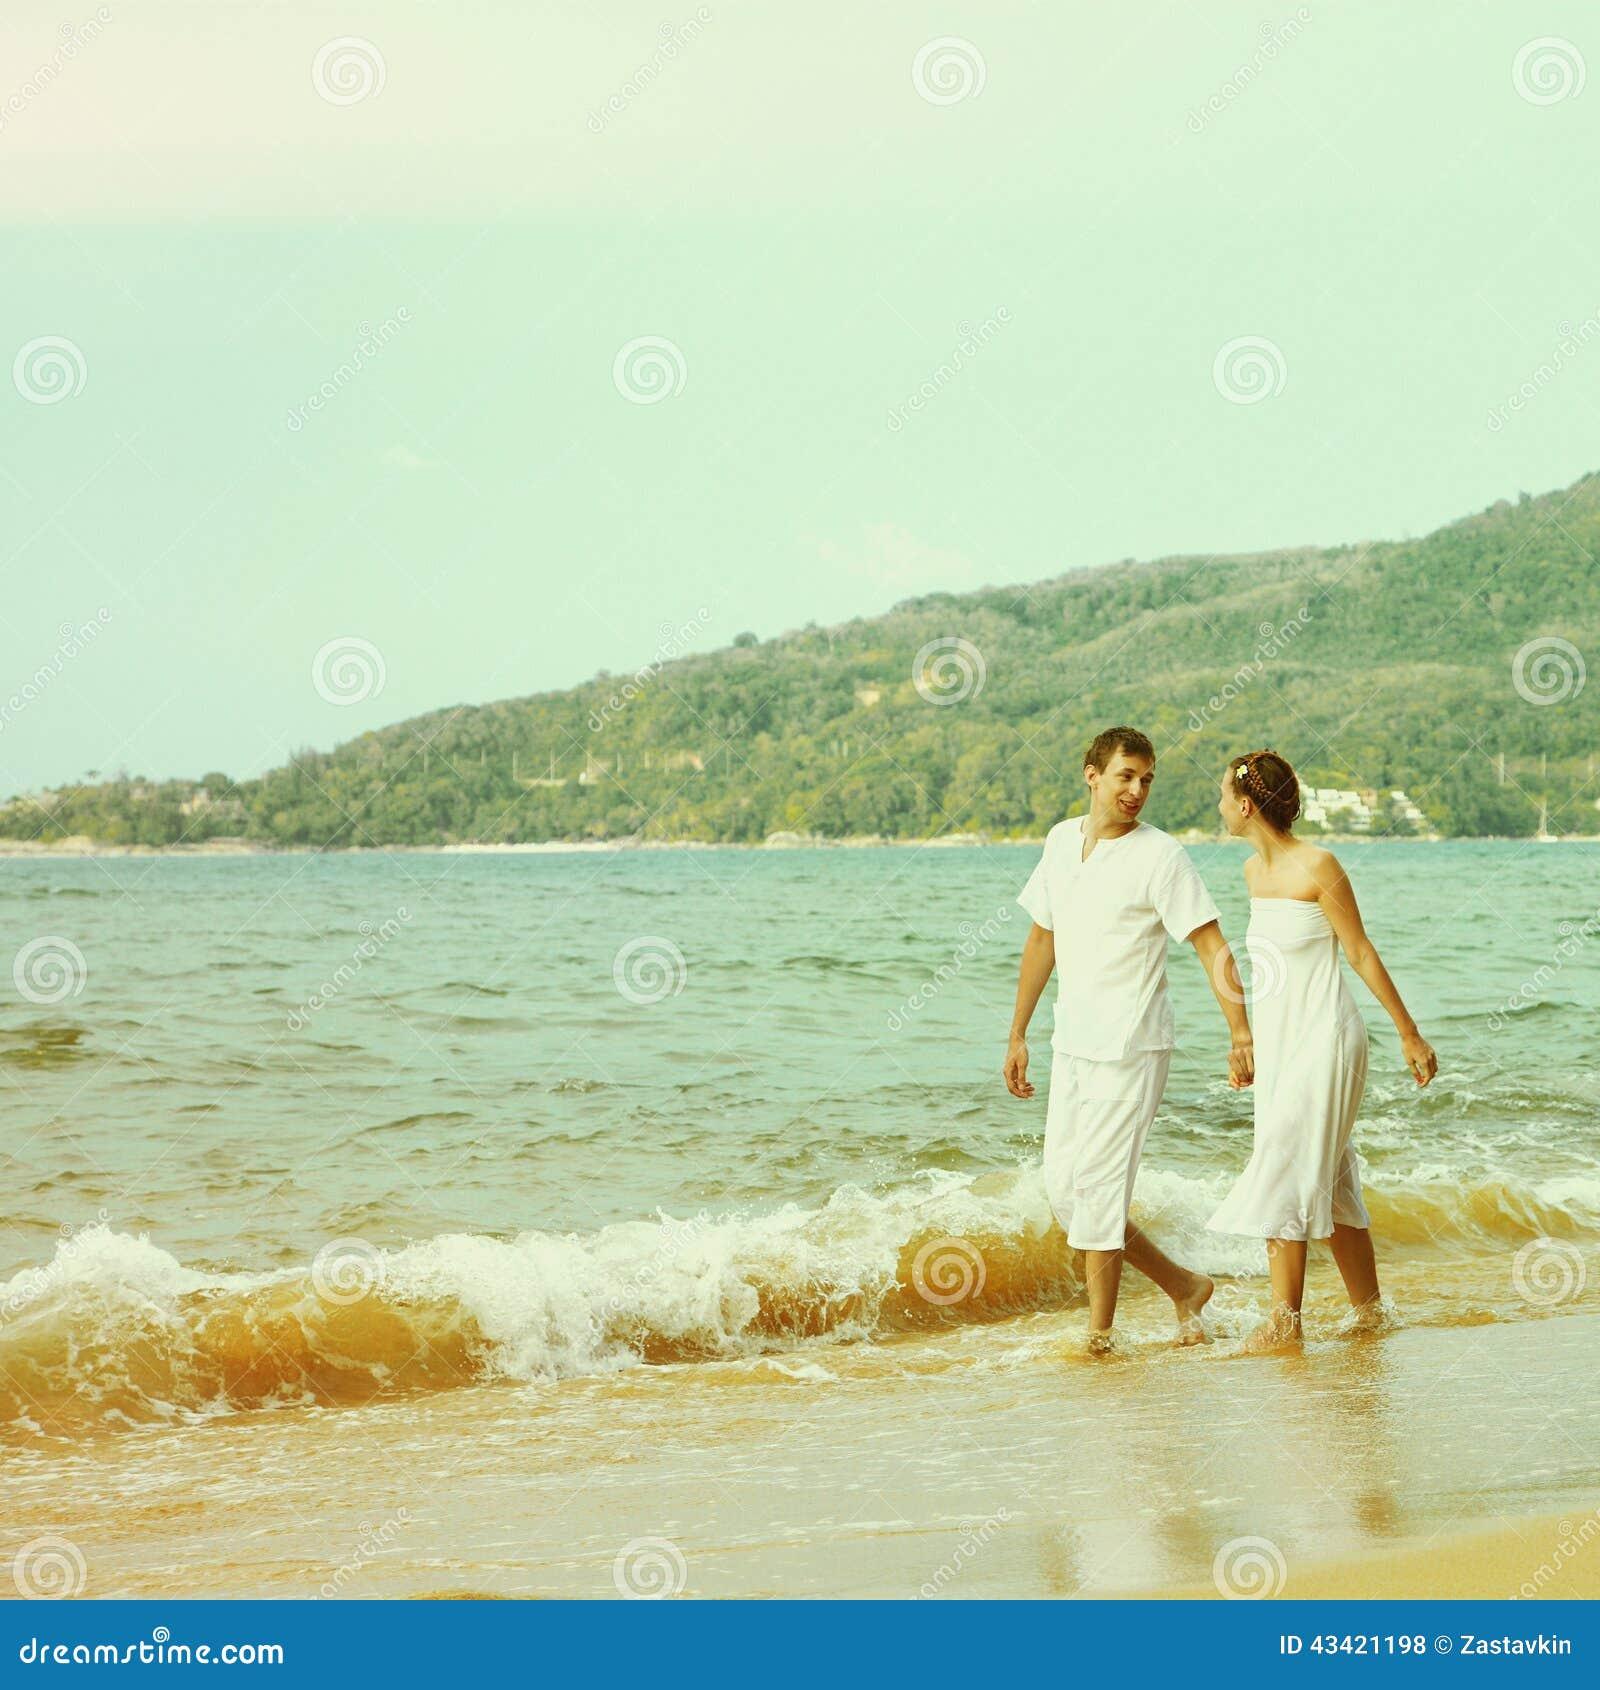 Instagram Colorized Vintage Couple On Beach Portrait Stock